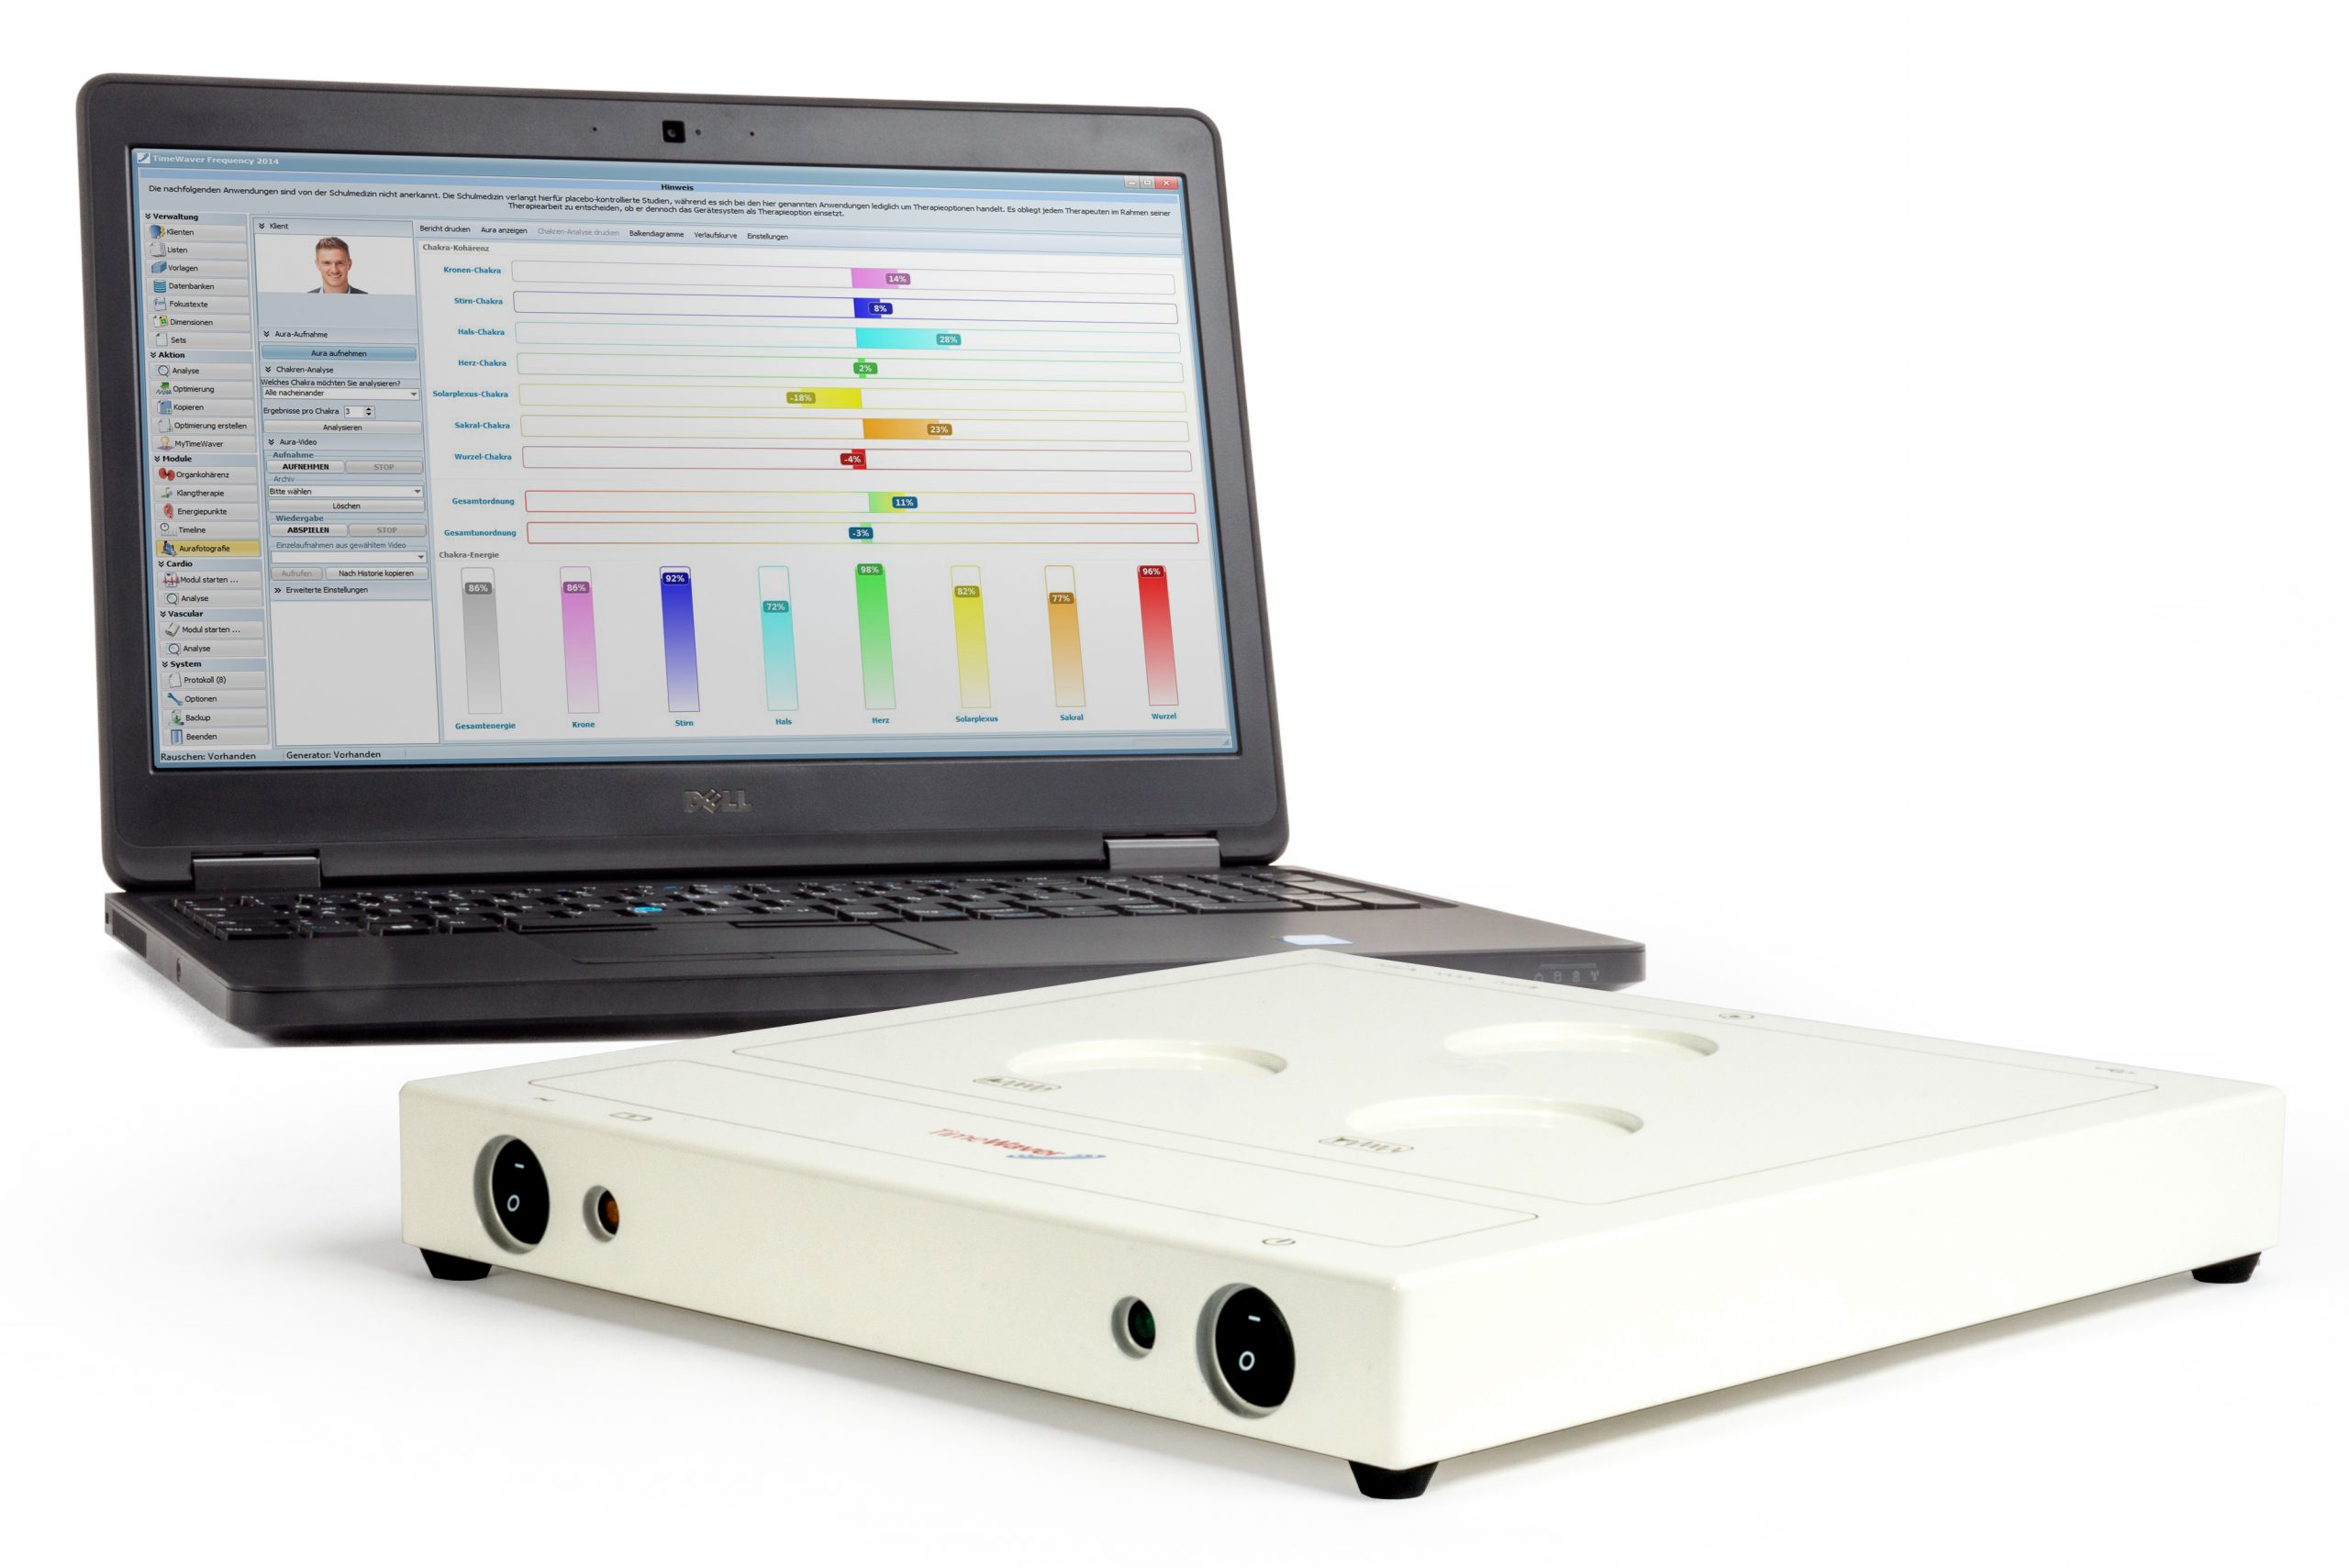 TW-Laptop-Comp